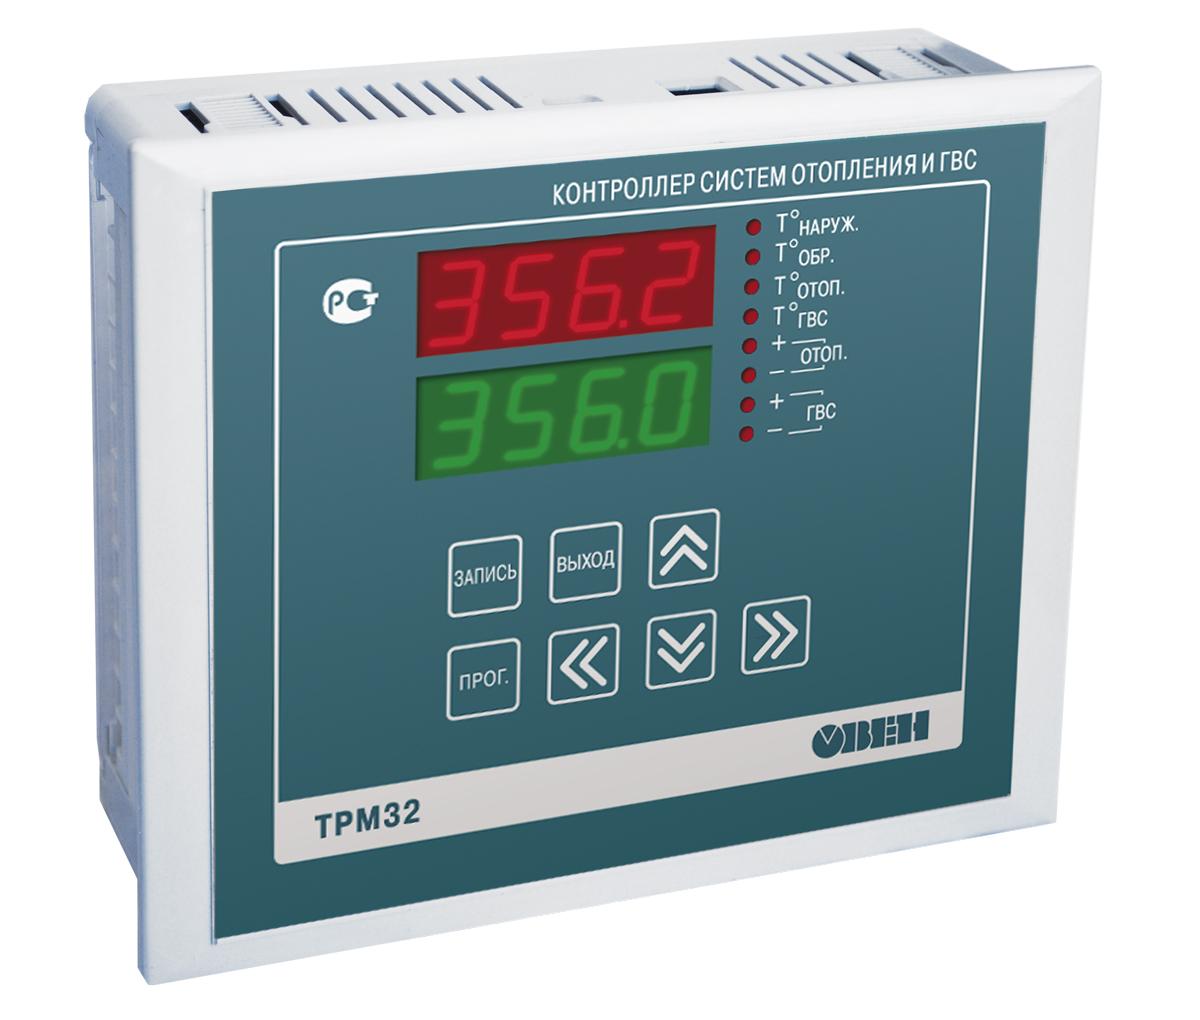 Промышленный контроллер ТРМ32 в корпусе Щ7